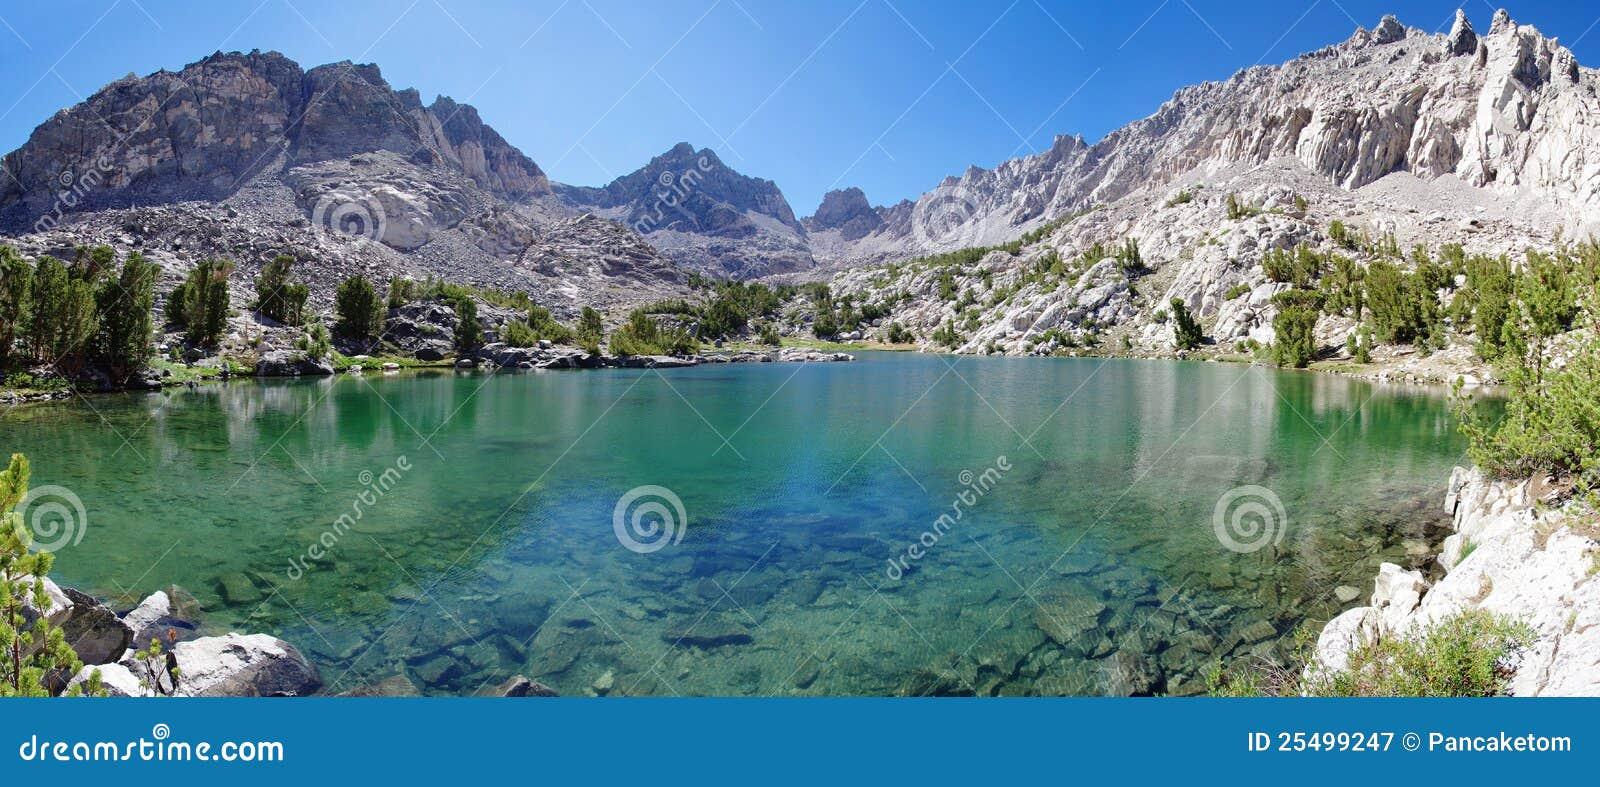 Siërra het Panorama van het Meer van de Berg